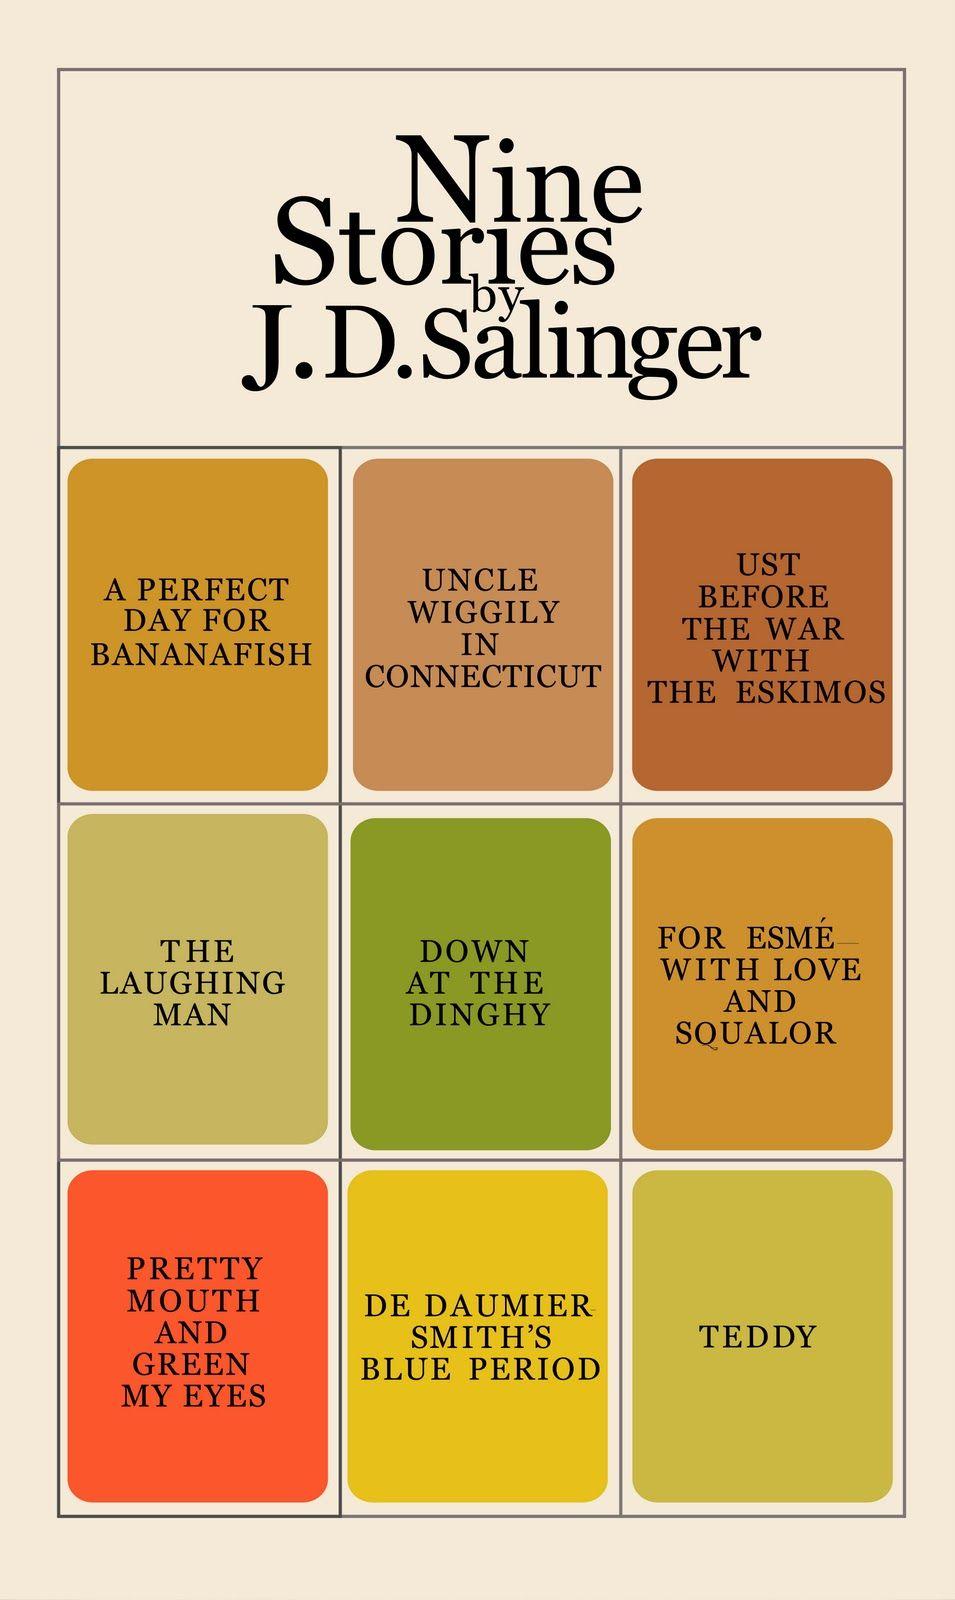 nine stories by jd salinger.jpg